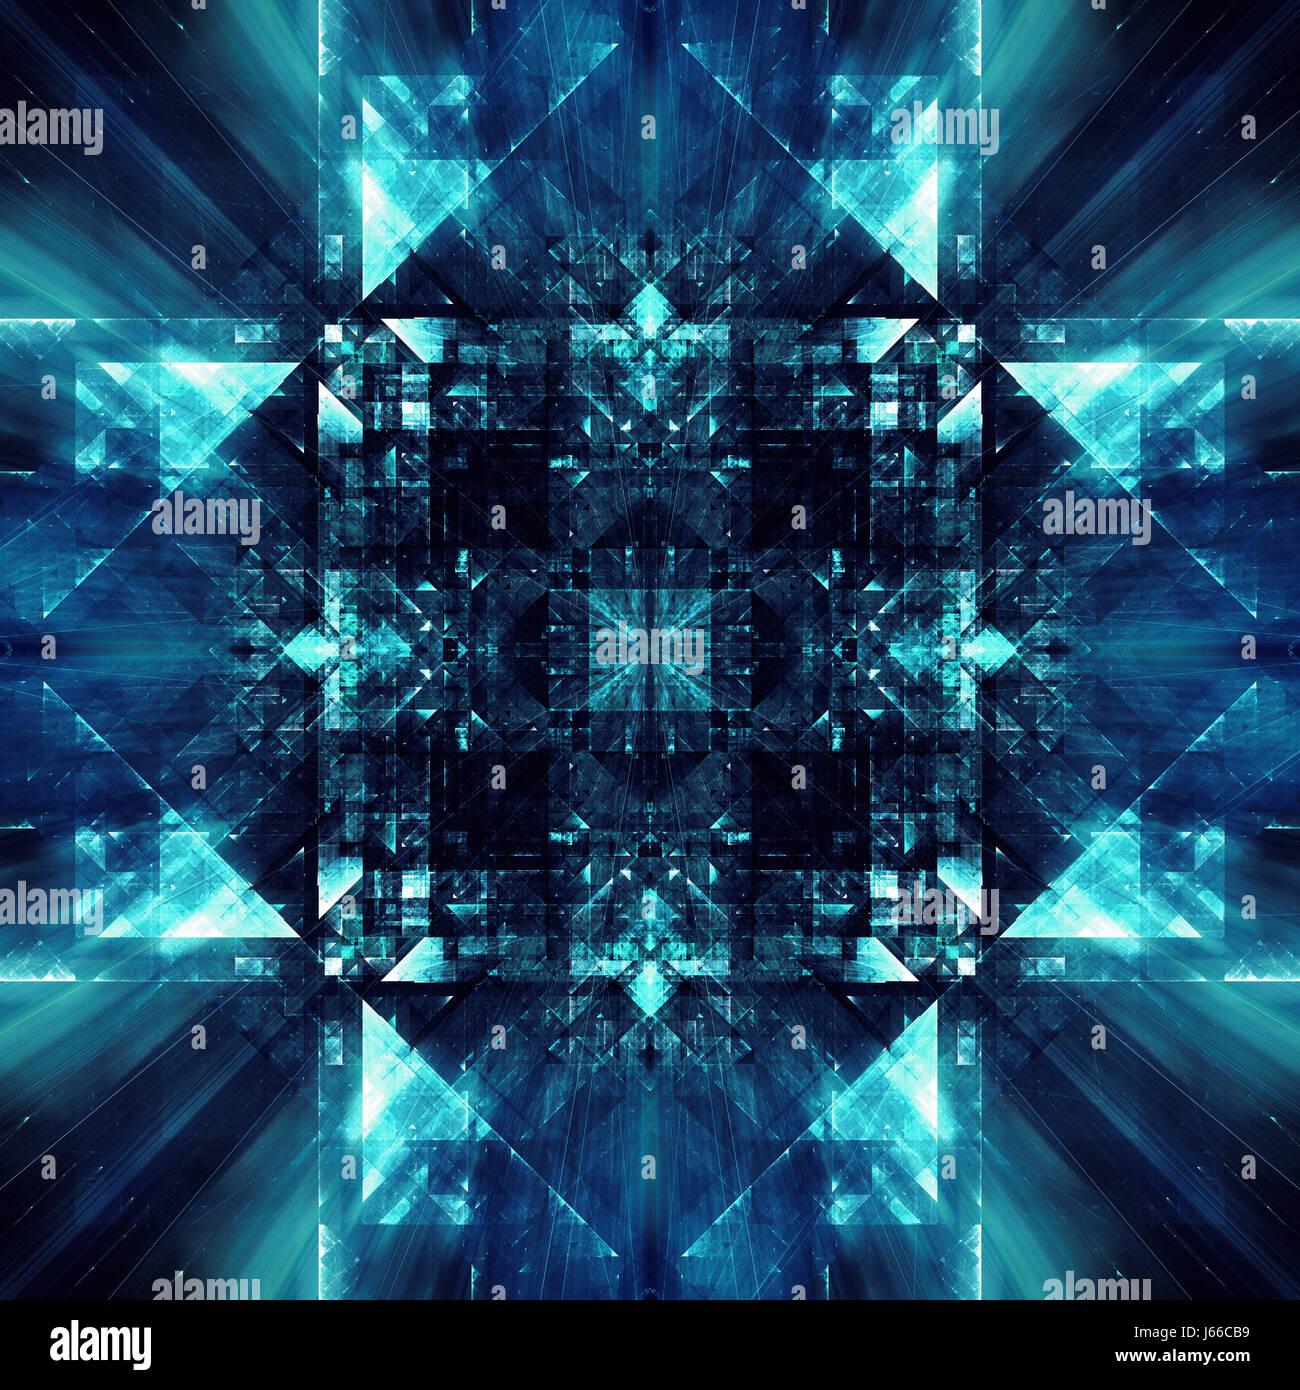 Fractal digital abstracto concepto basado en datos digitales Imagen De Stock